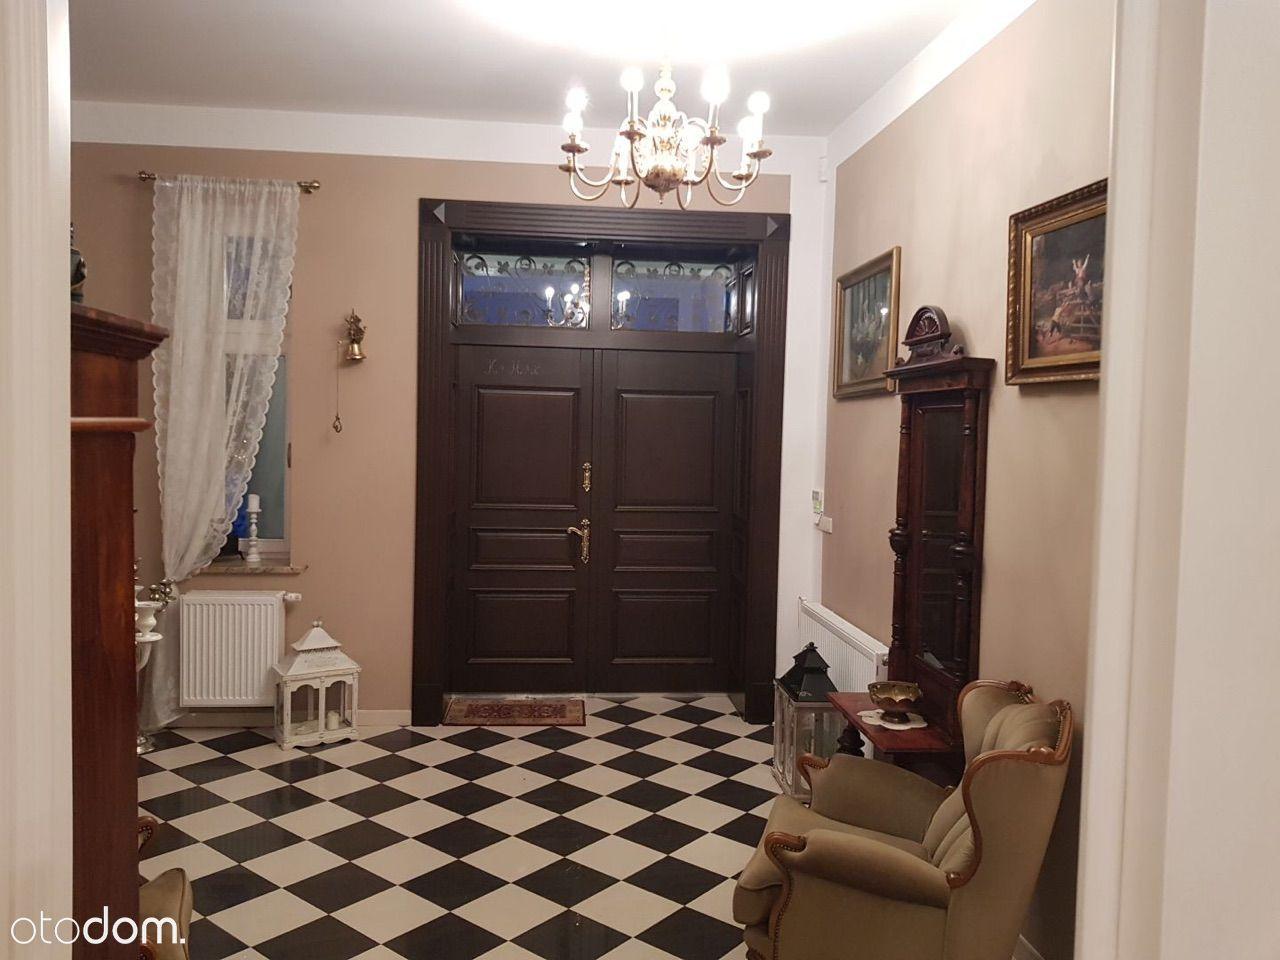 Dom na sprzedaż, Wda, starogardzki, pomorskie - Foto 1